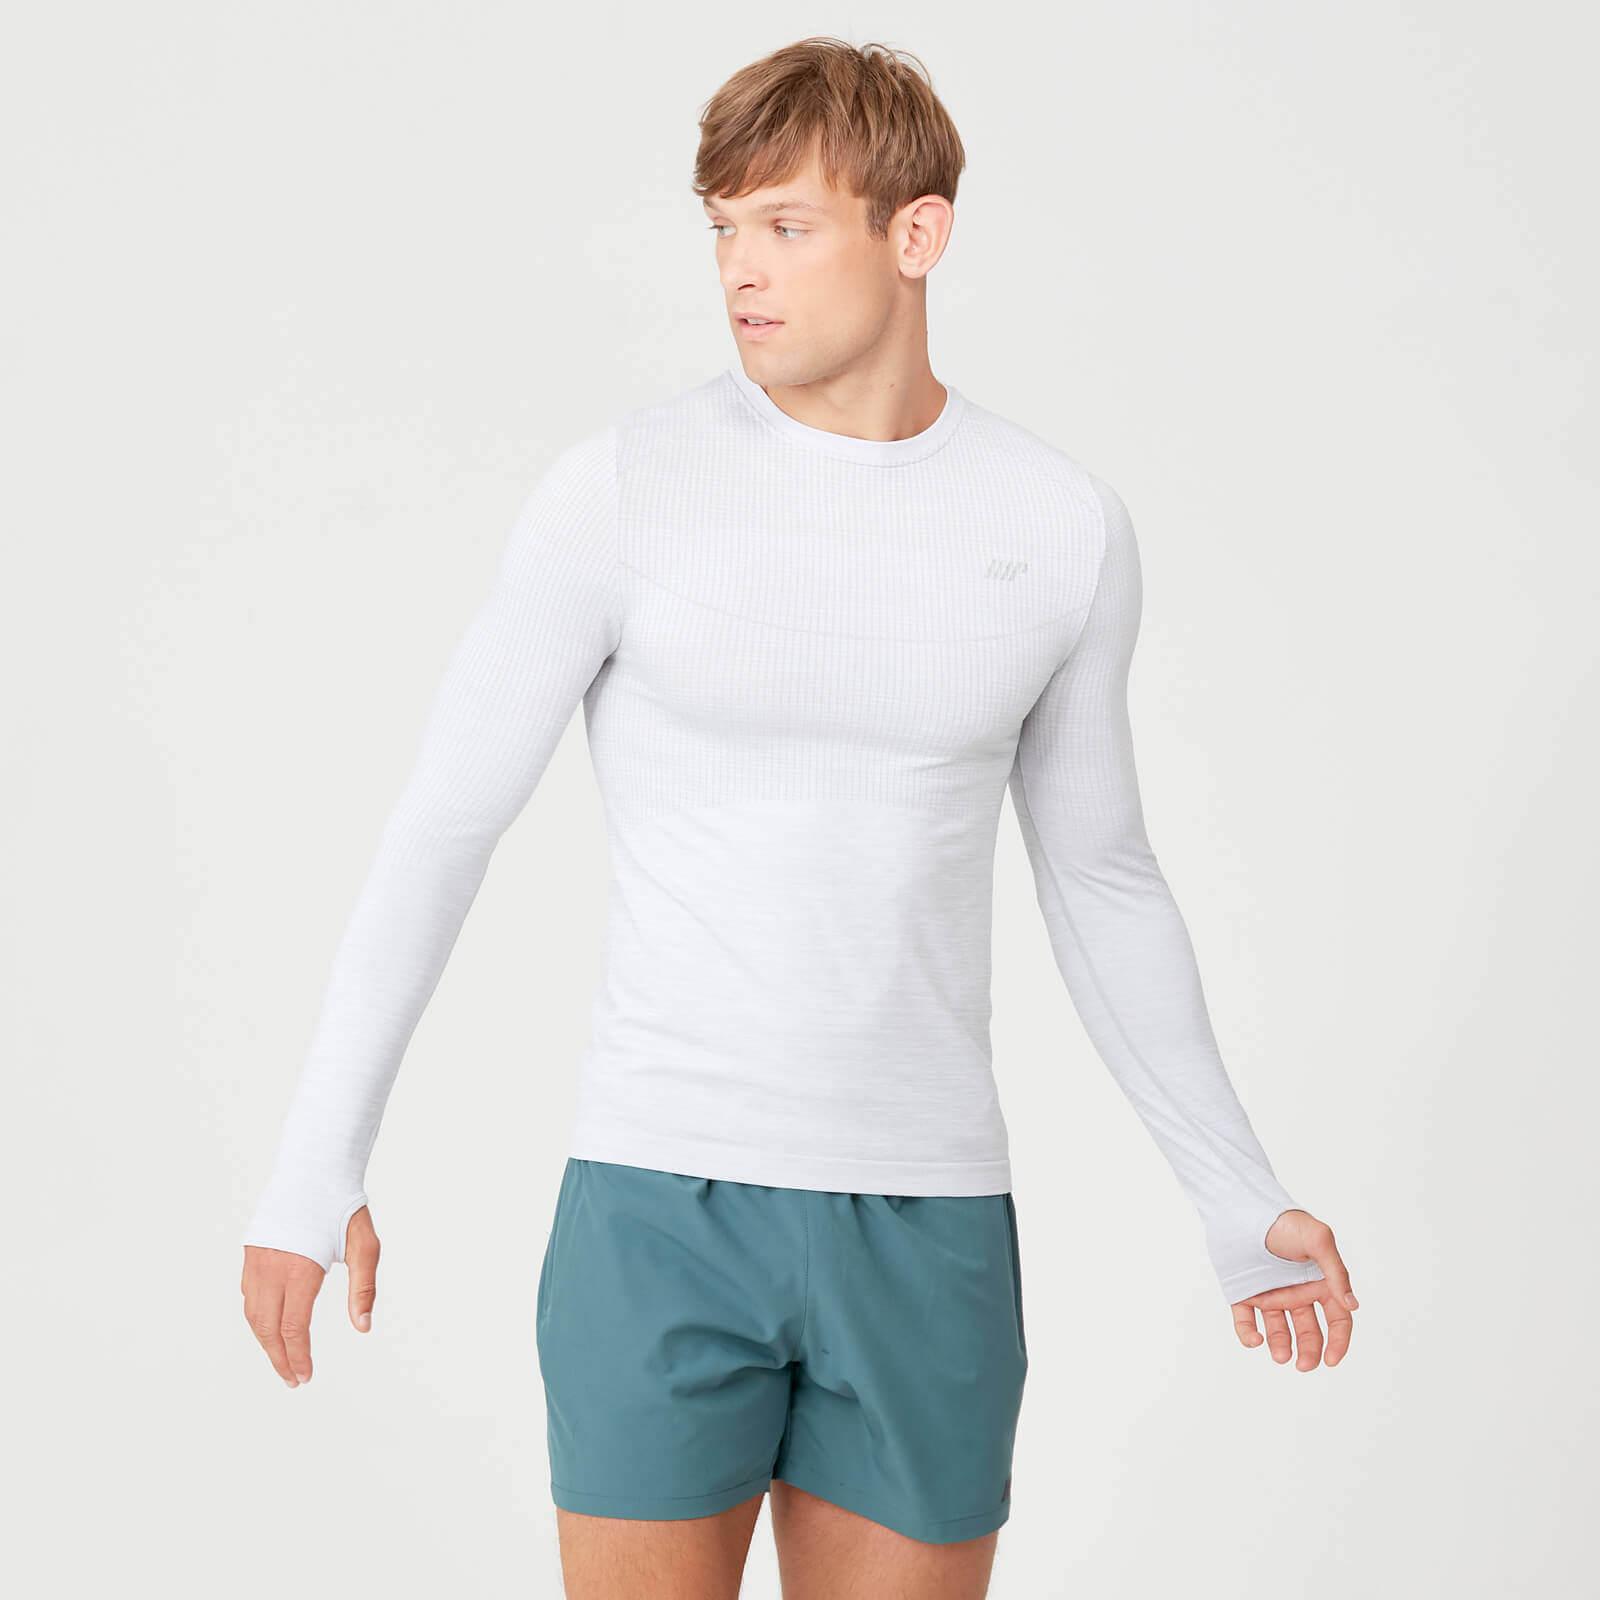 Myprotein Sculpt Seamless Long-Sleeve T-Shirt - XL